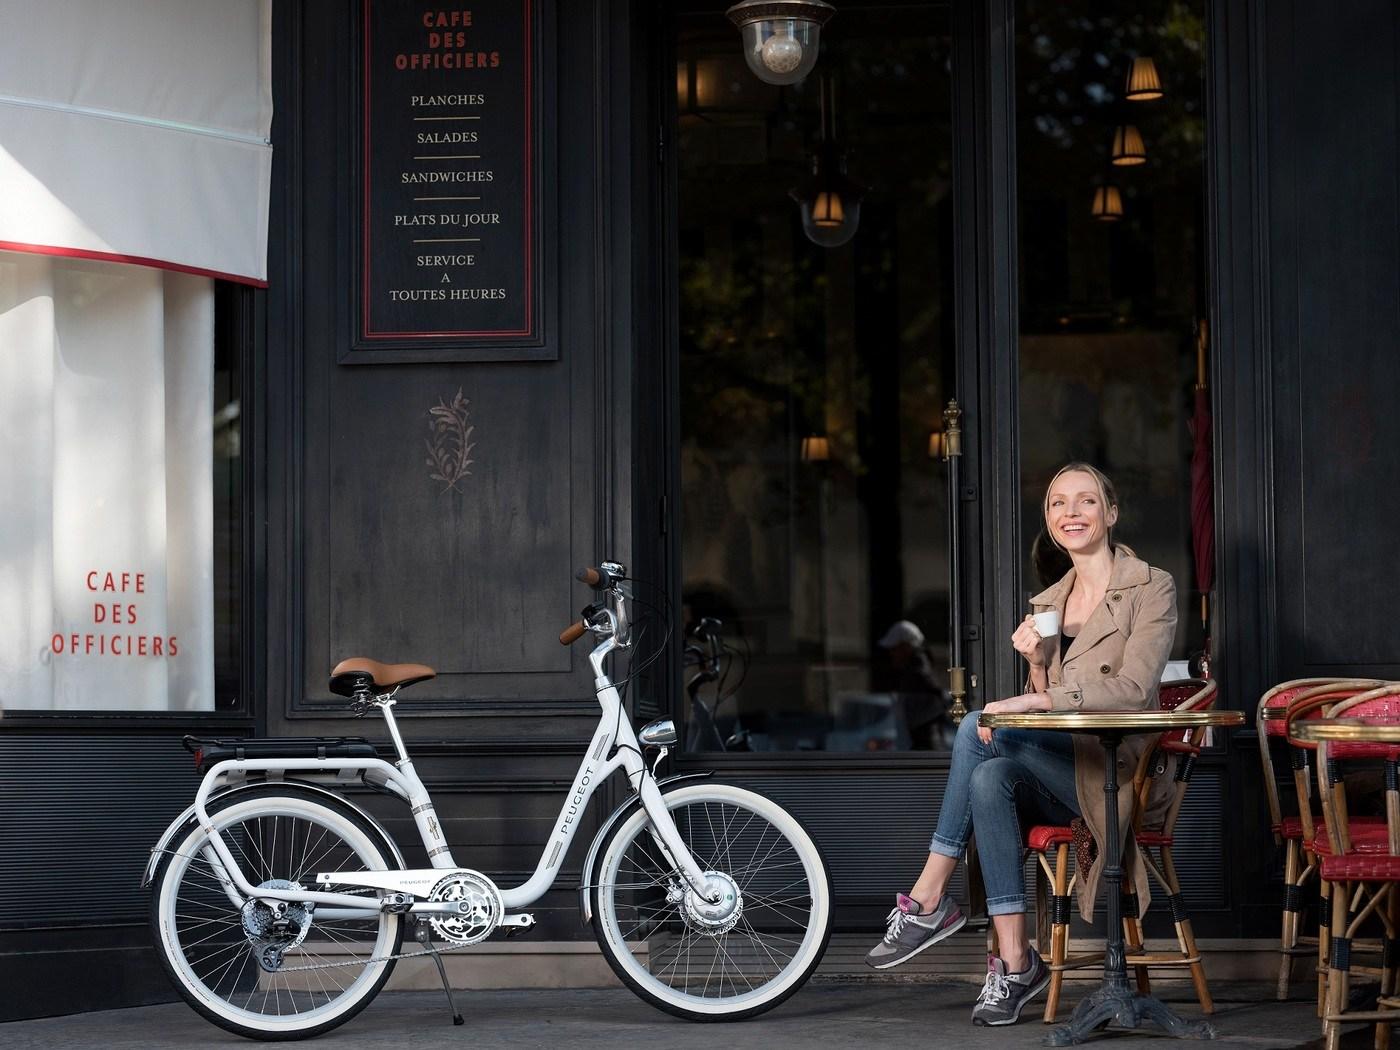 La legenda de Peugeot es una bicicleta.